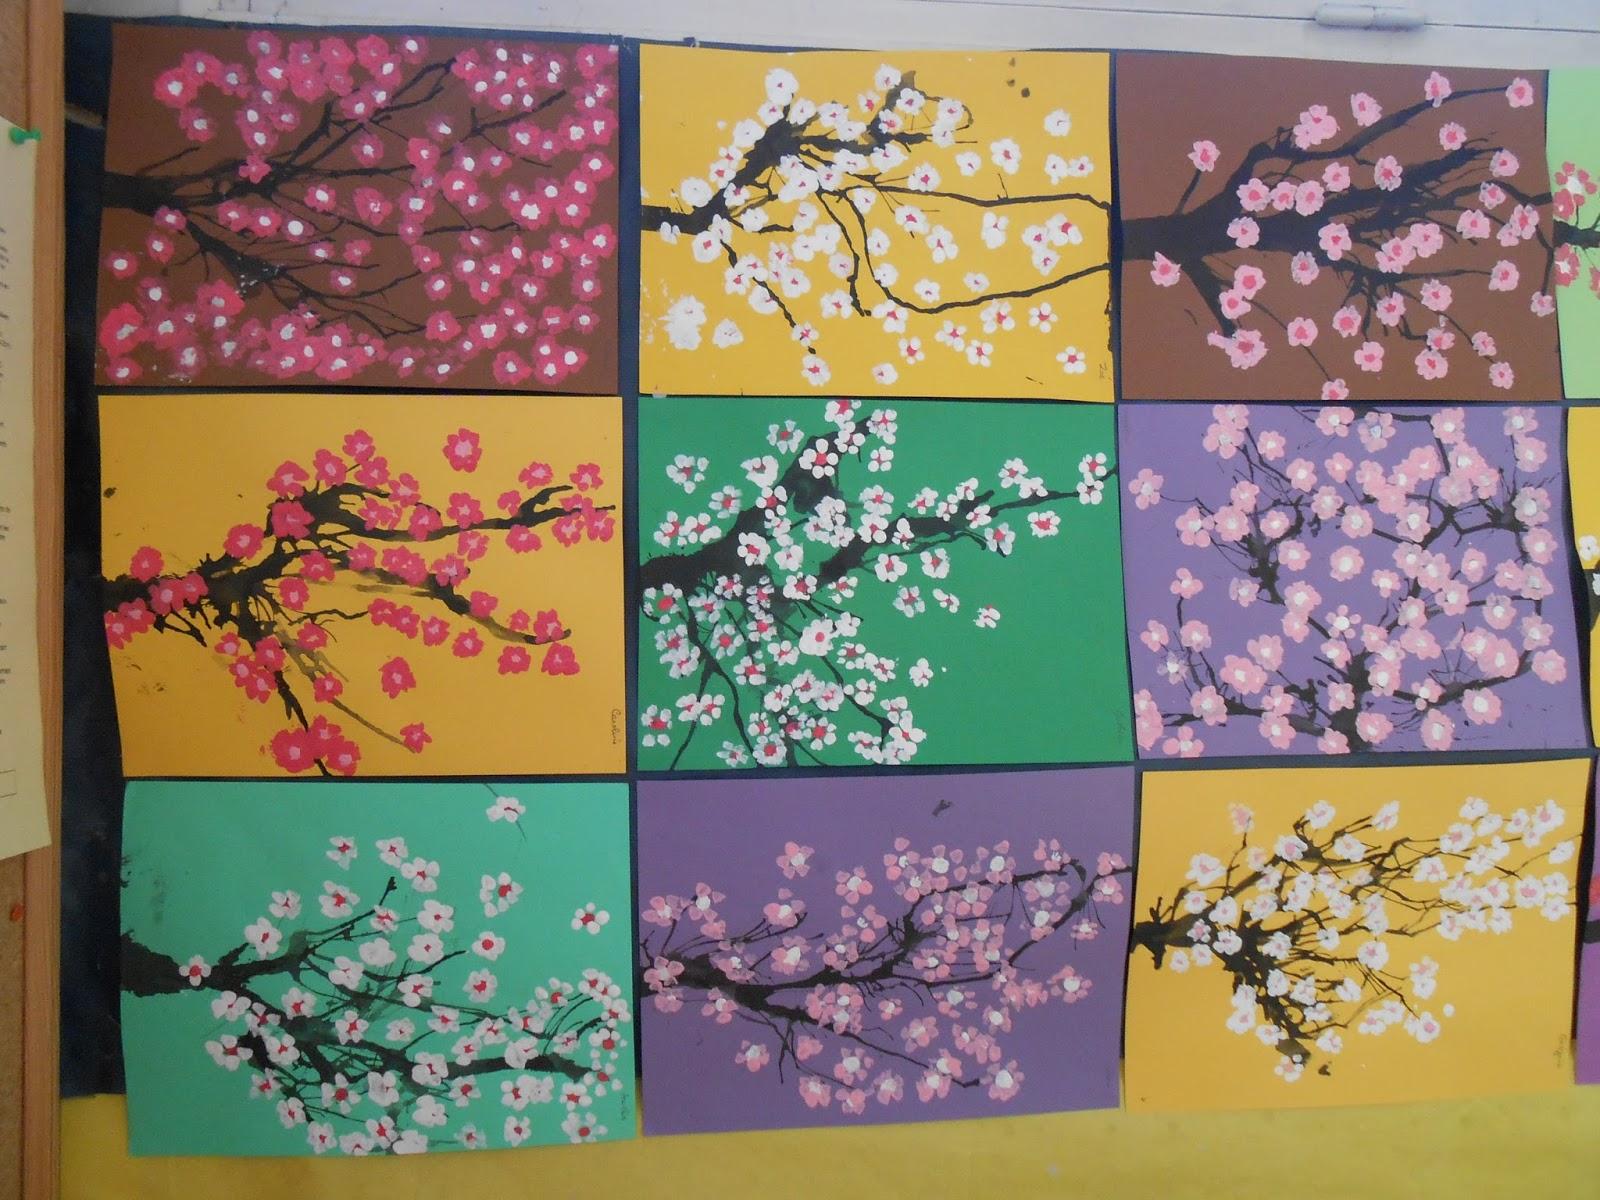 Th mes d 39 cole printemps arbre en fleurs - Le printemps gs ...